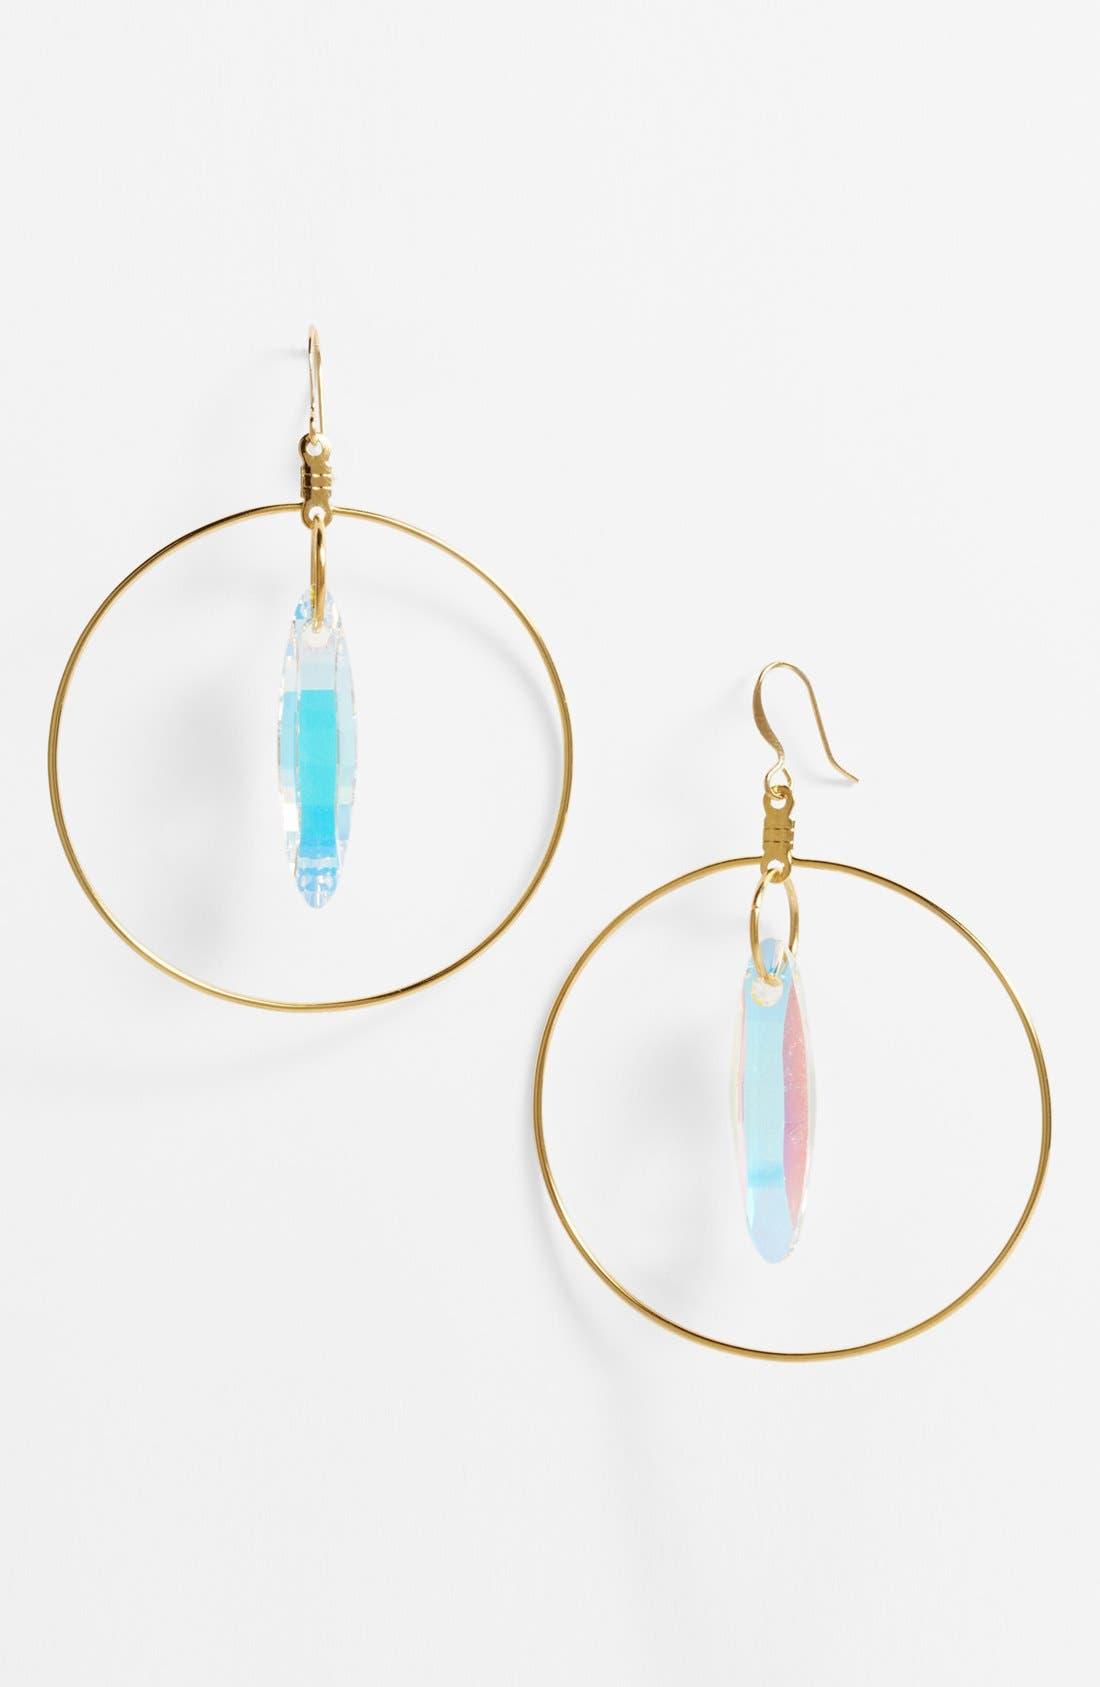 Main Image - Verdier Jewelry 'Aurora Borealis' Hoop Earrings